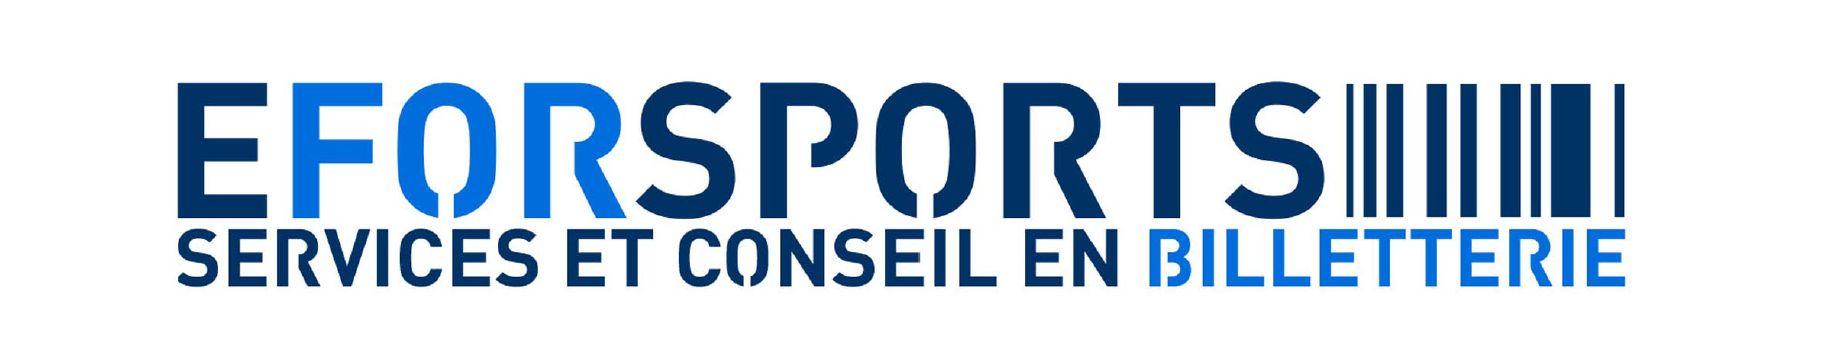 eforsports logo SBB